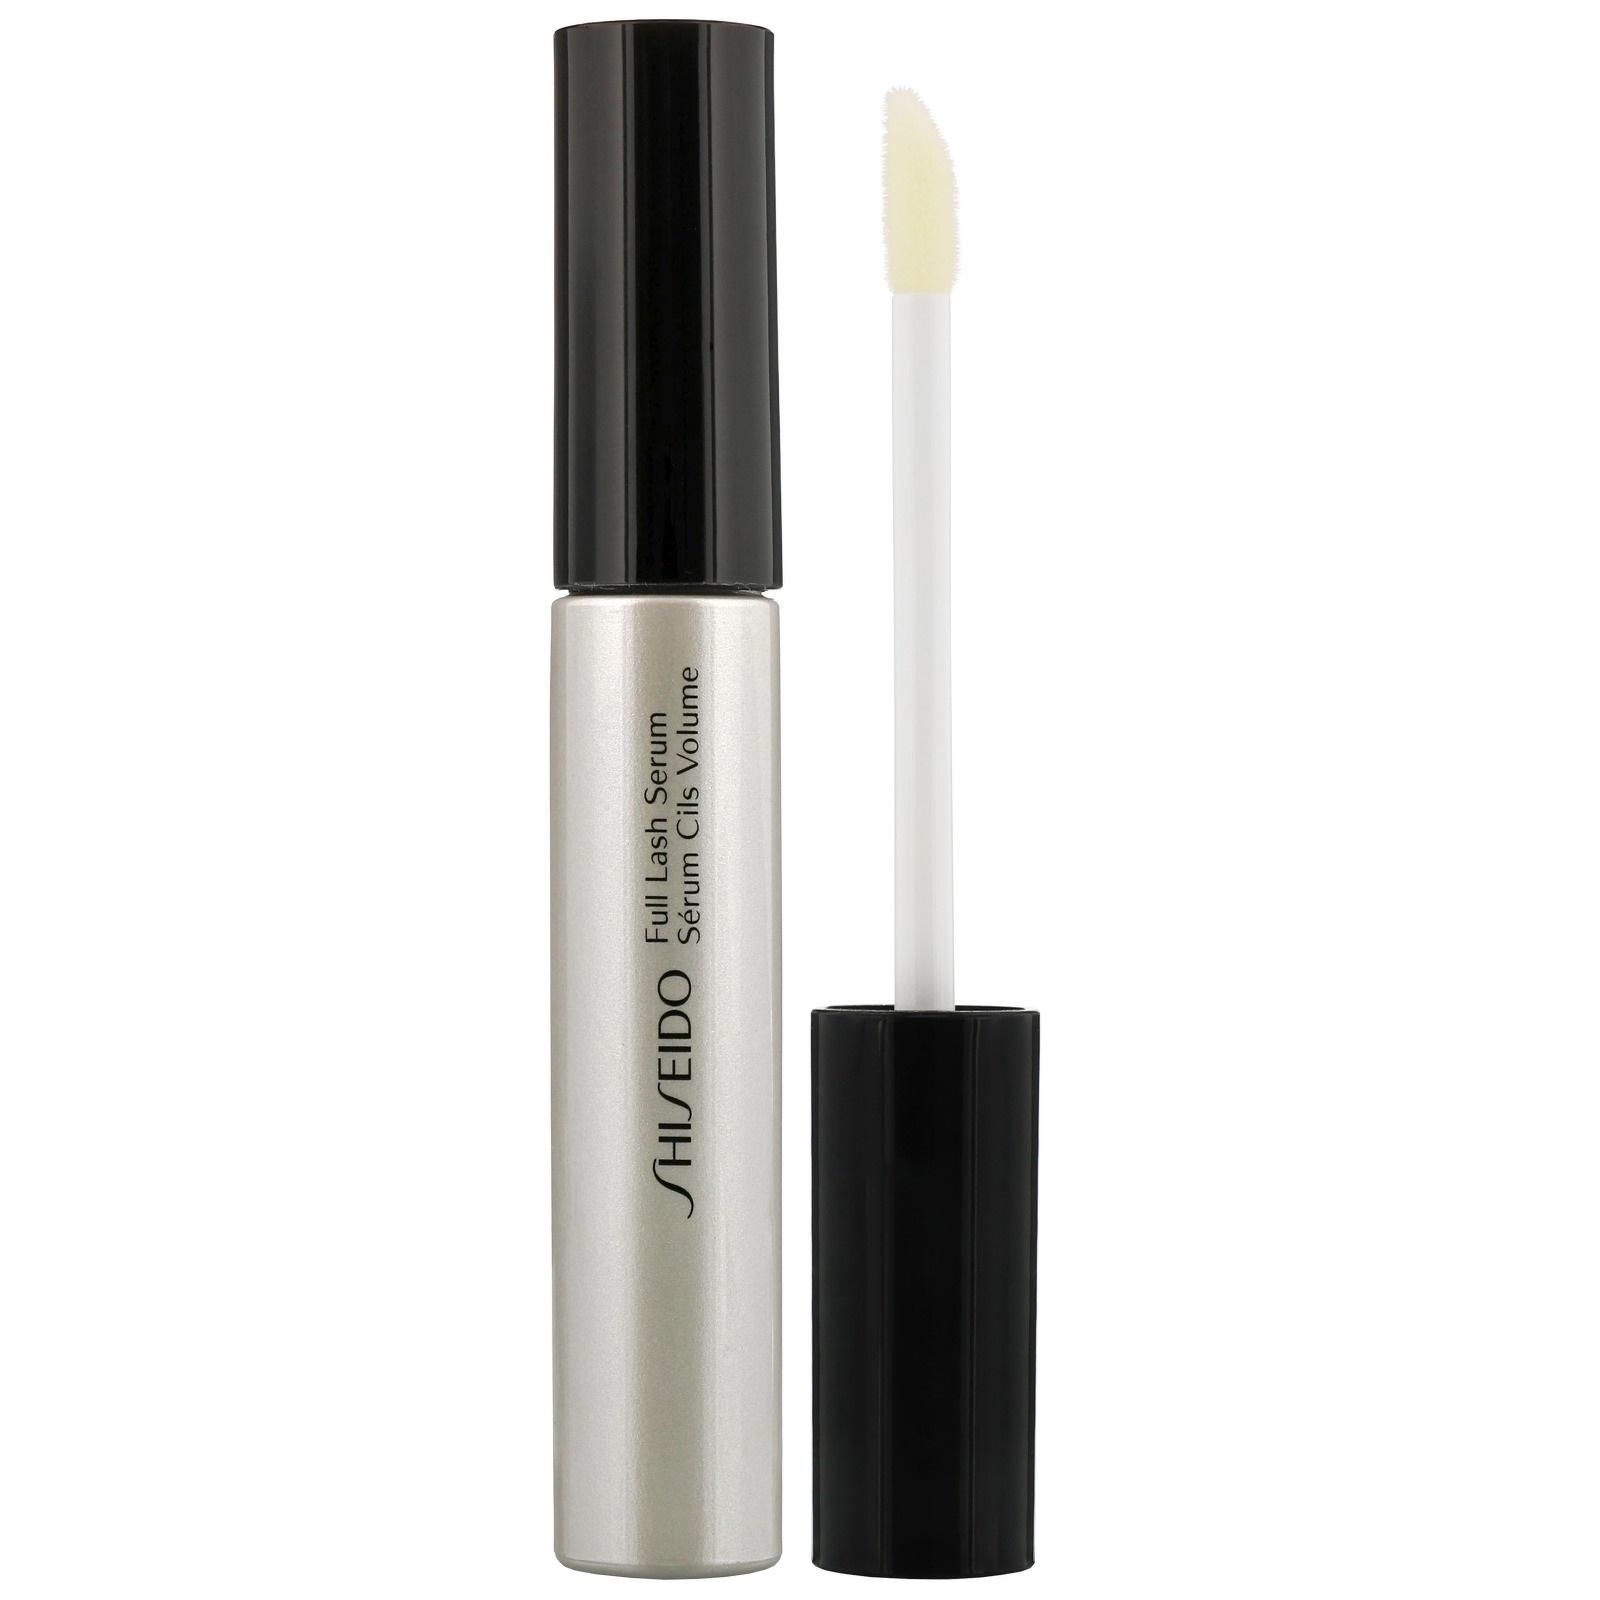 Full Lash and Brow Serum - Shiseido cuenta con este suero de alto rendimiento con tecnología sofisticada para pestañas largas y espesas, además de cejas más pobladas. La arginina es el ingrediente que ayuda a mantener la condición de las pestañas y el vello de las cejas. (Suministrada)